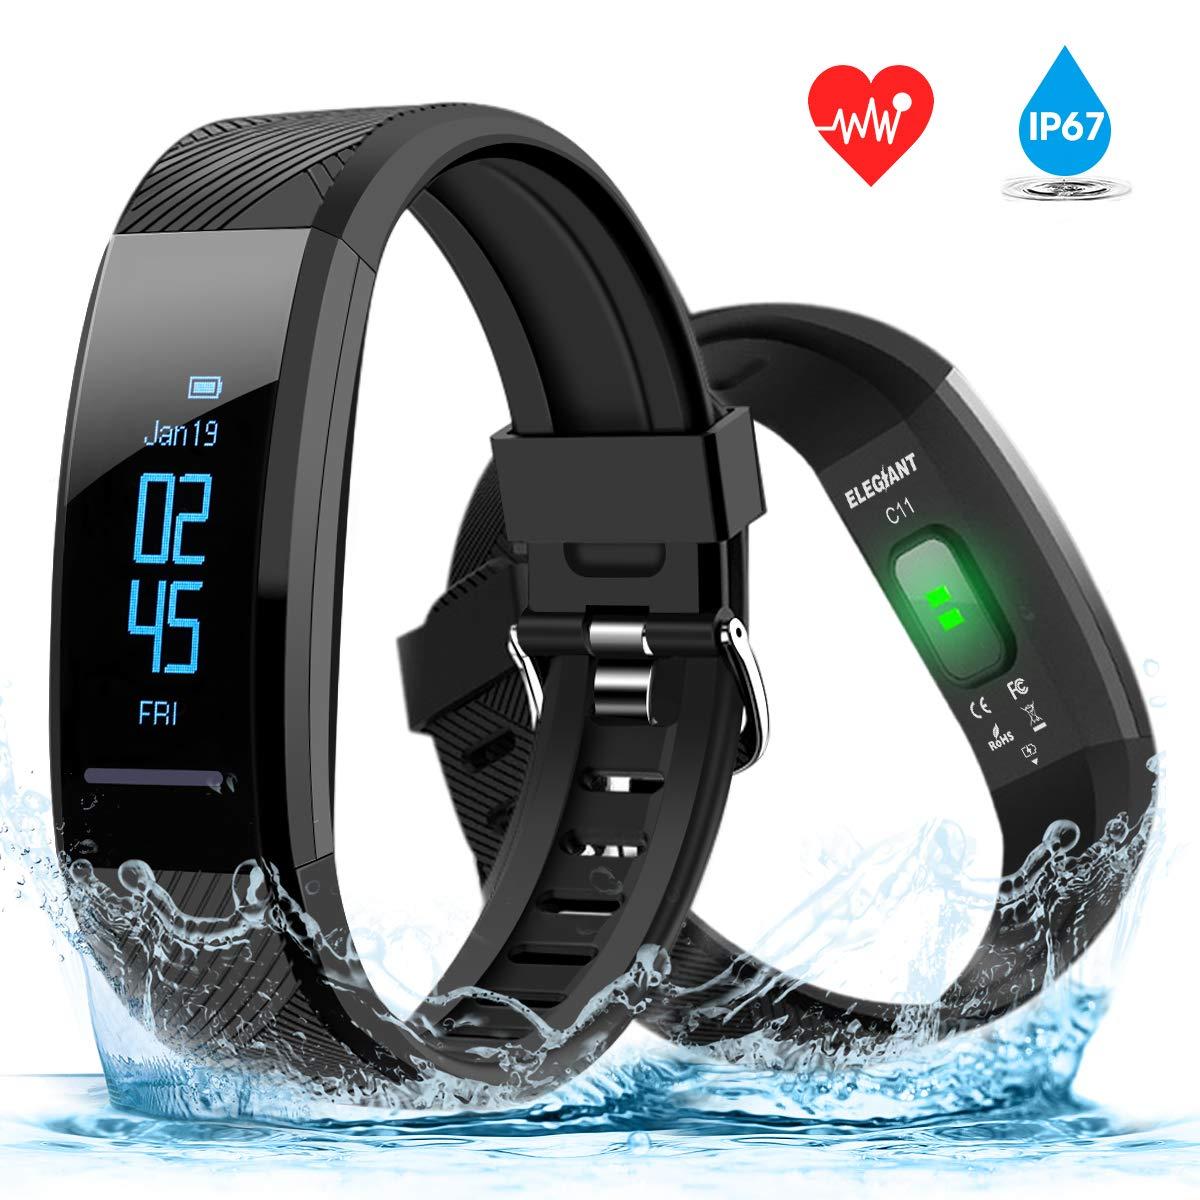 ELEGIANT Montre Connectée, Bracelet Connectée Fitness Tracker dActivité Etanche IP67 Moniteur de Fréquence Cardiaque Cardiofréquencemètre Cardio Sport ...